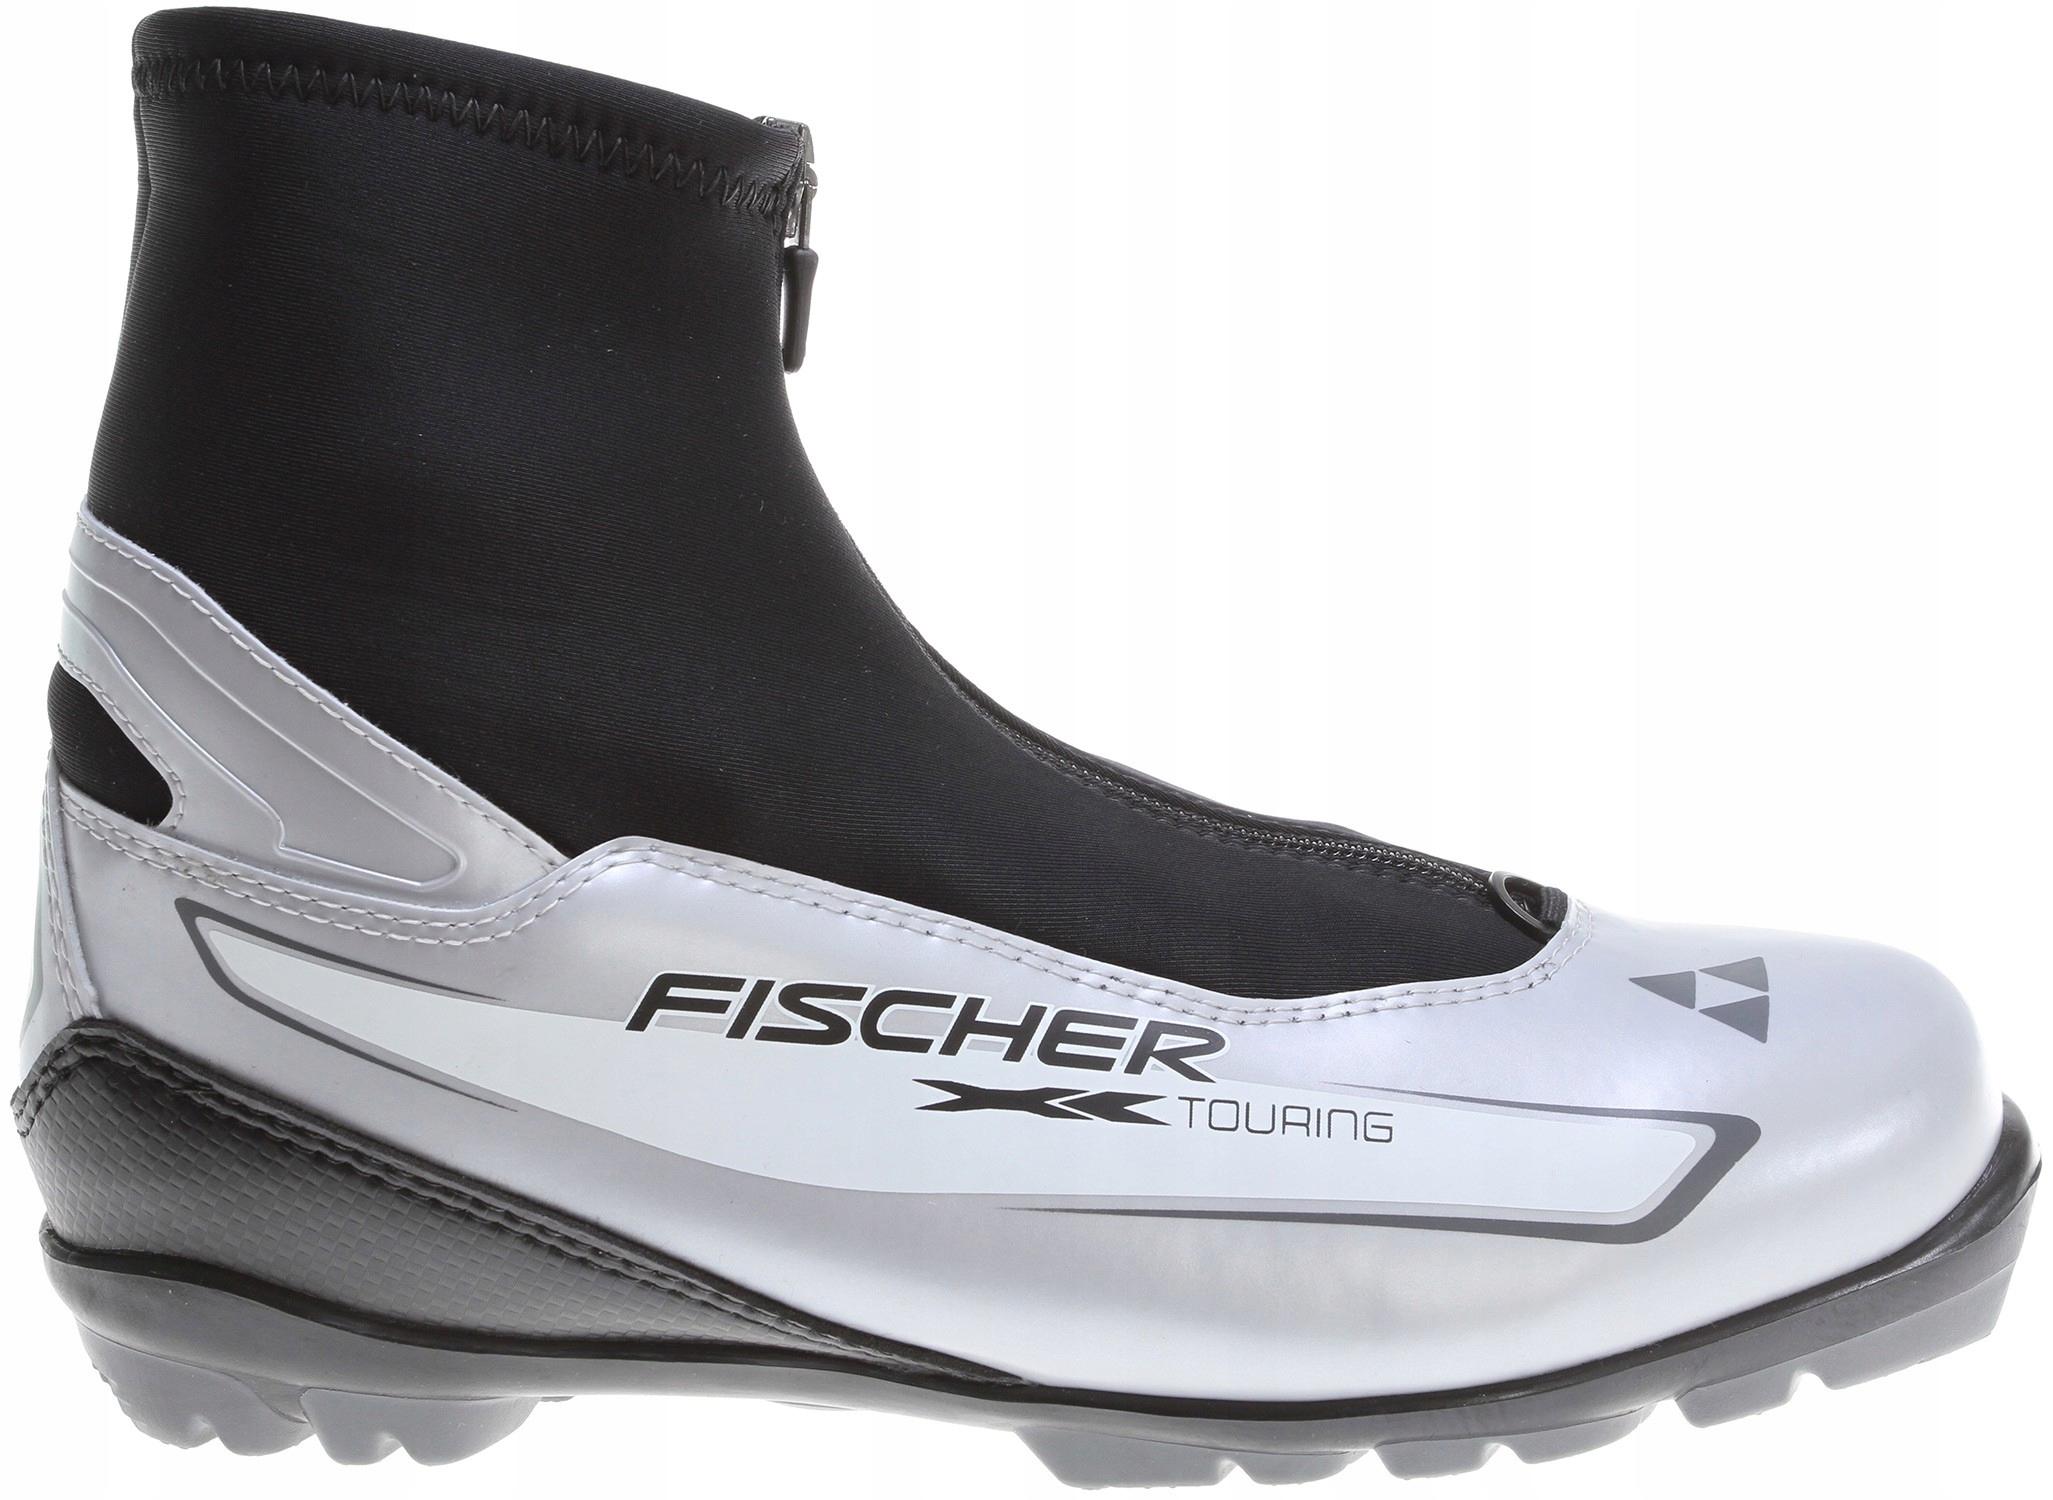 Buty Fischer Xc Touring 23.0 cm